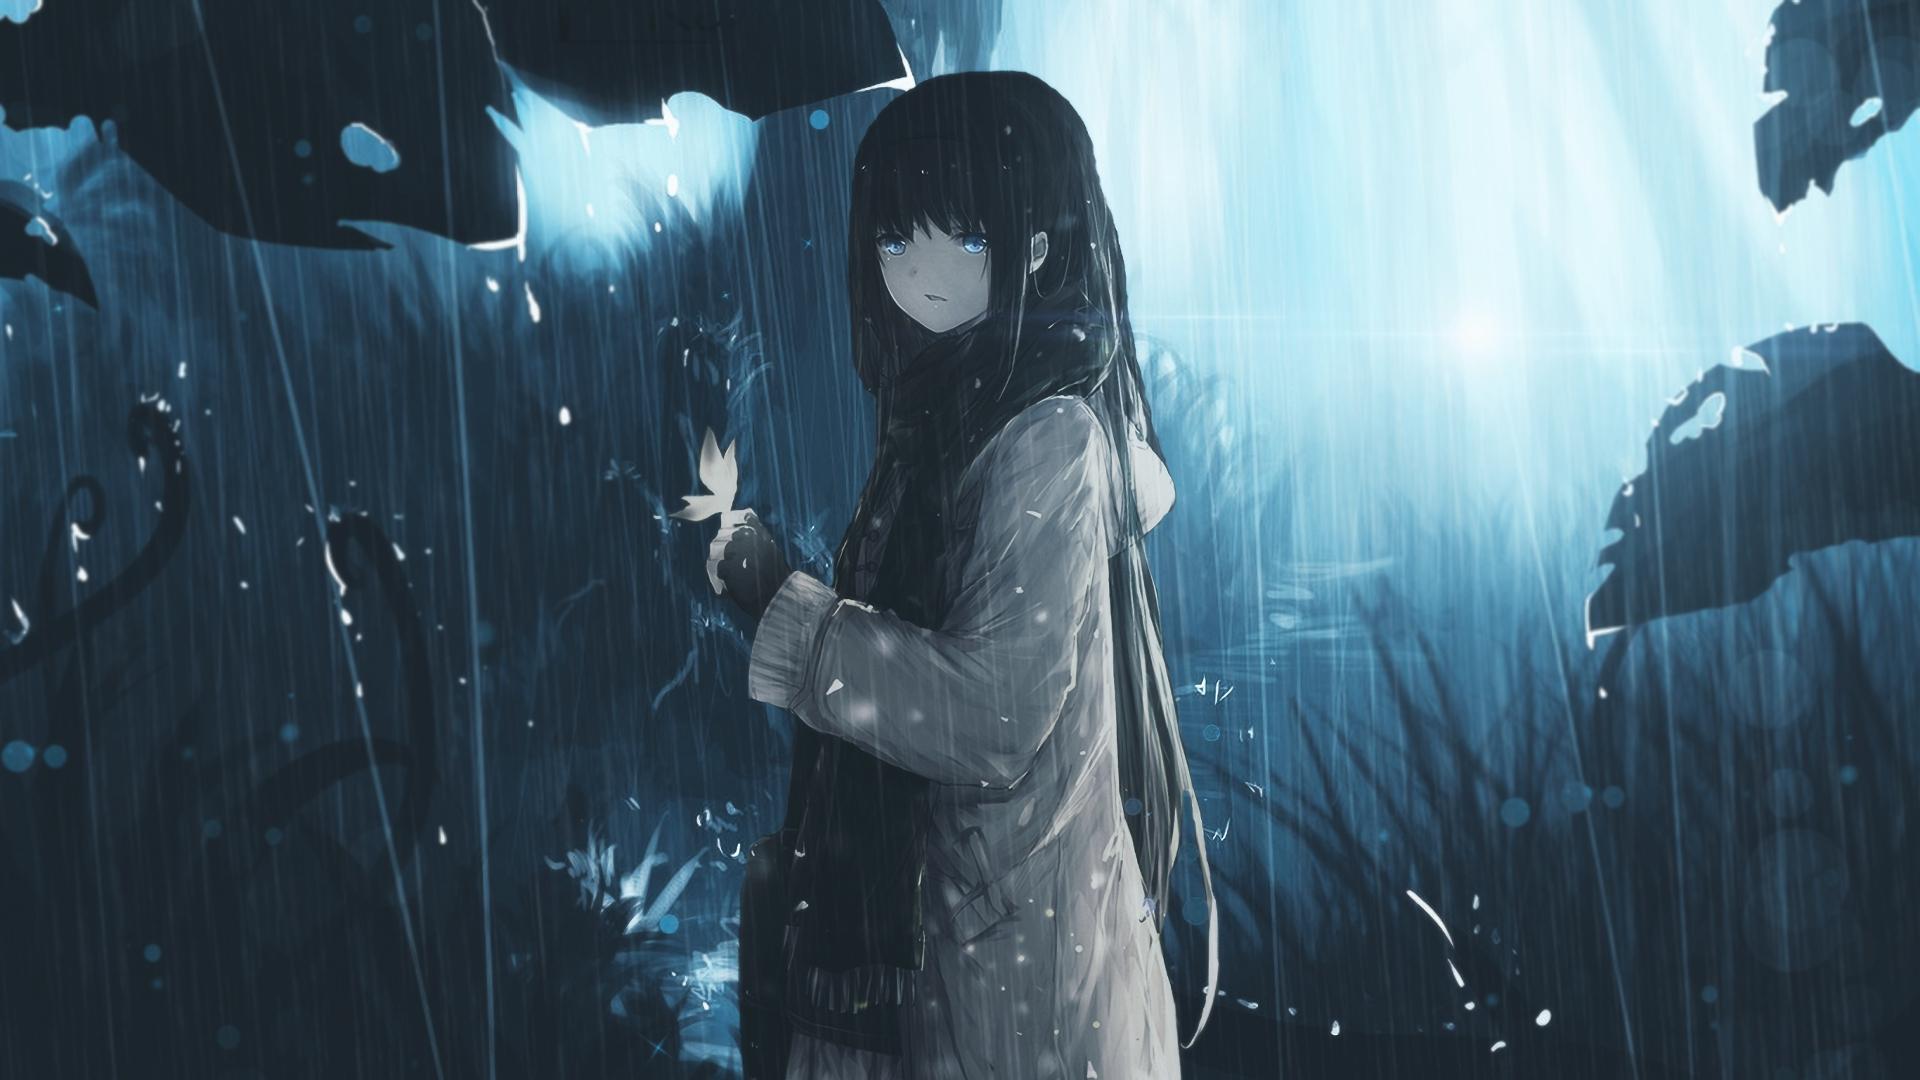 Hình Anime khóc về tình yêu đẹp nhất